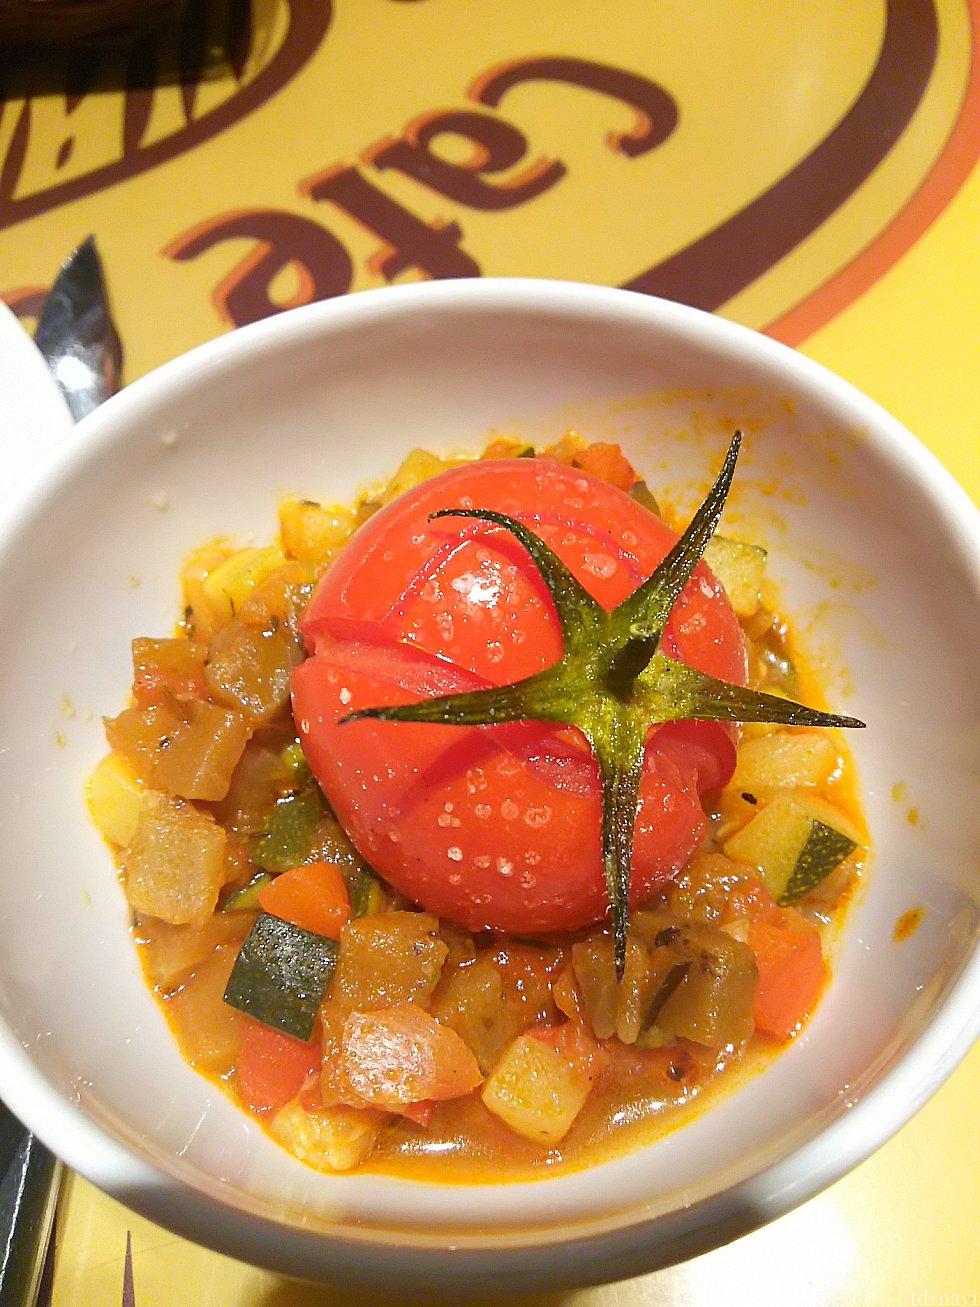 ラタトゥイユ。未確認ですが上のコースだと映画のよう野菜で形を整えたプレミアムラタトゥイユになるらしいです。